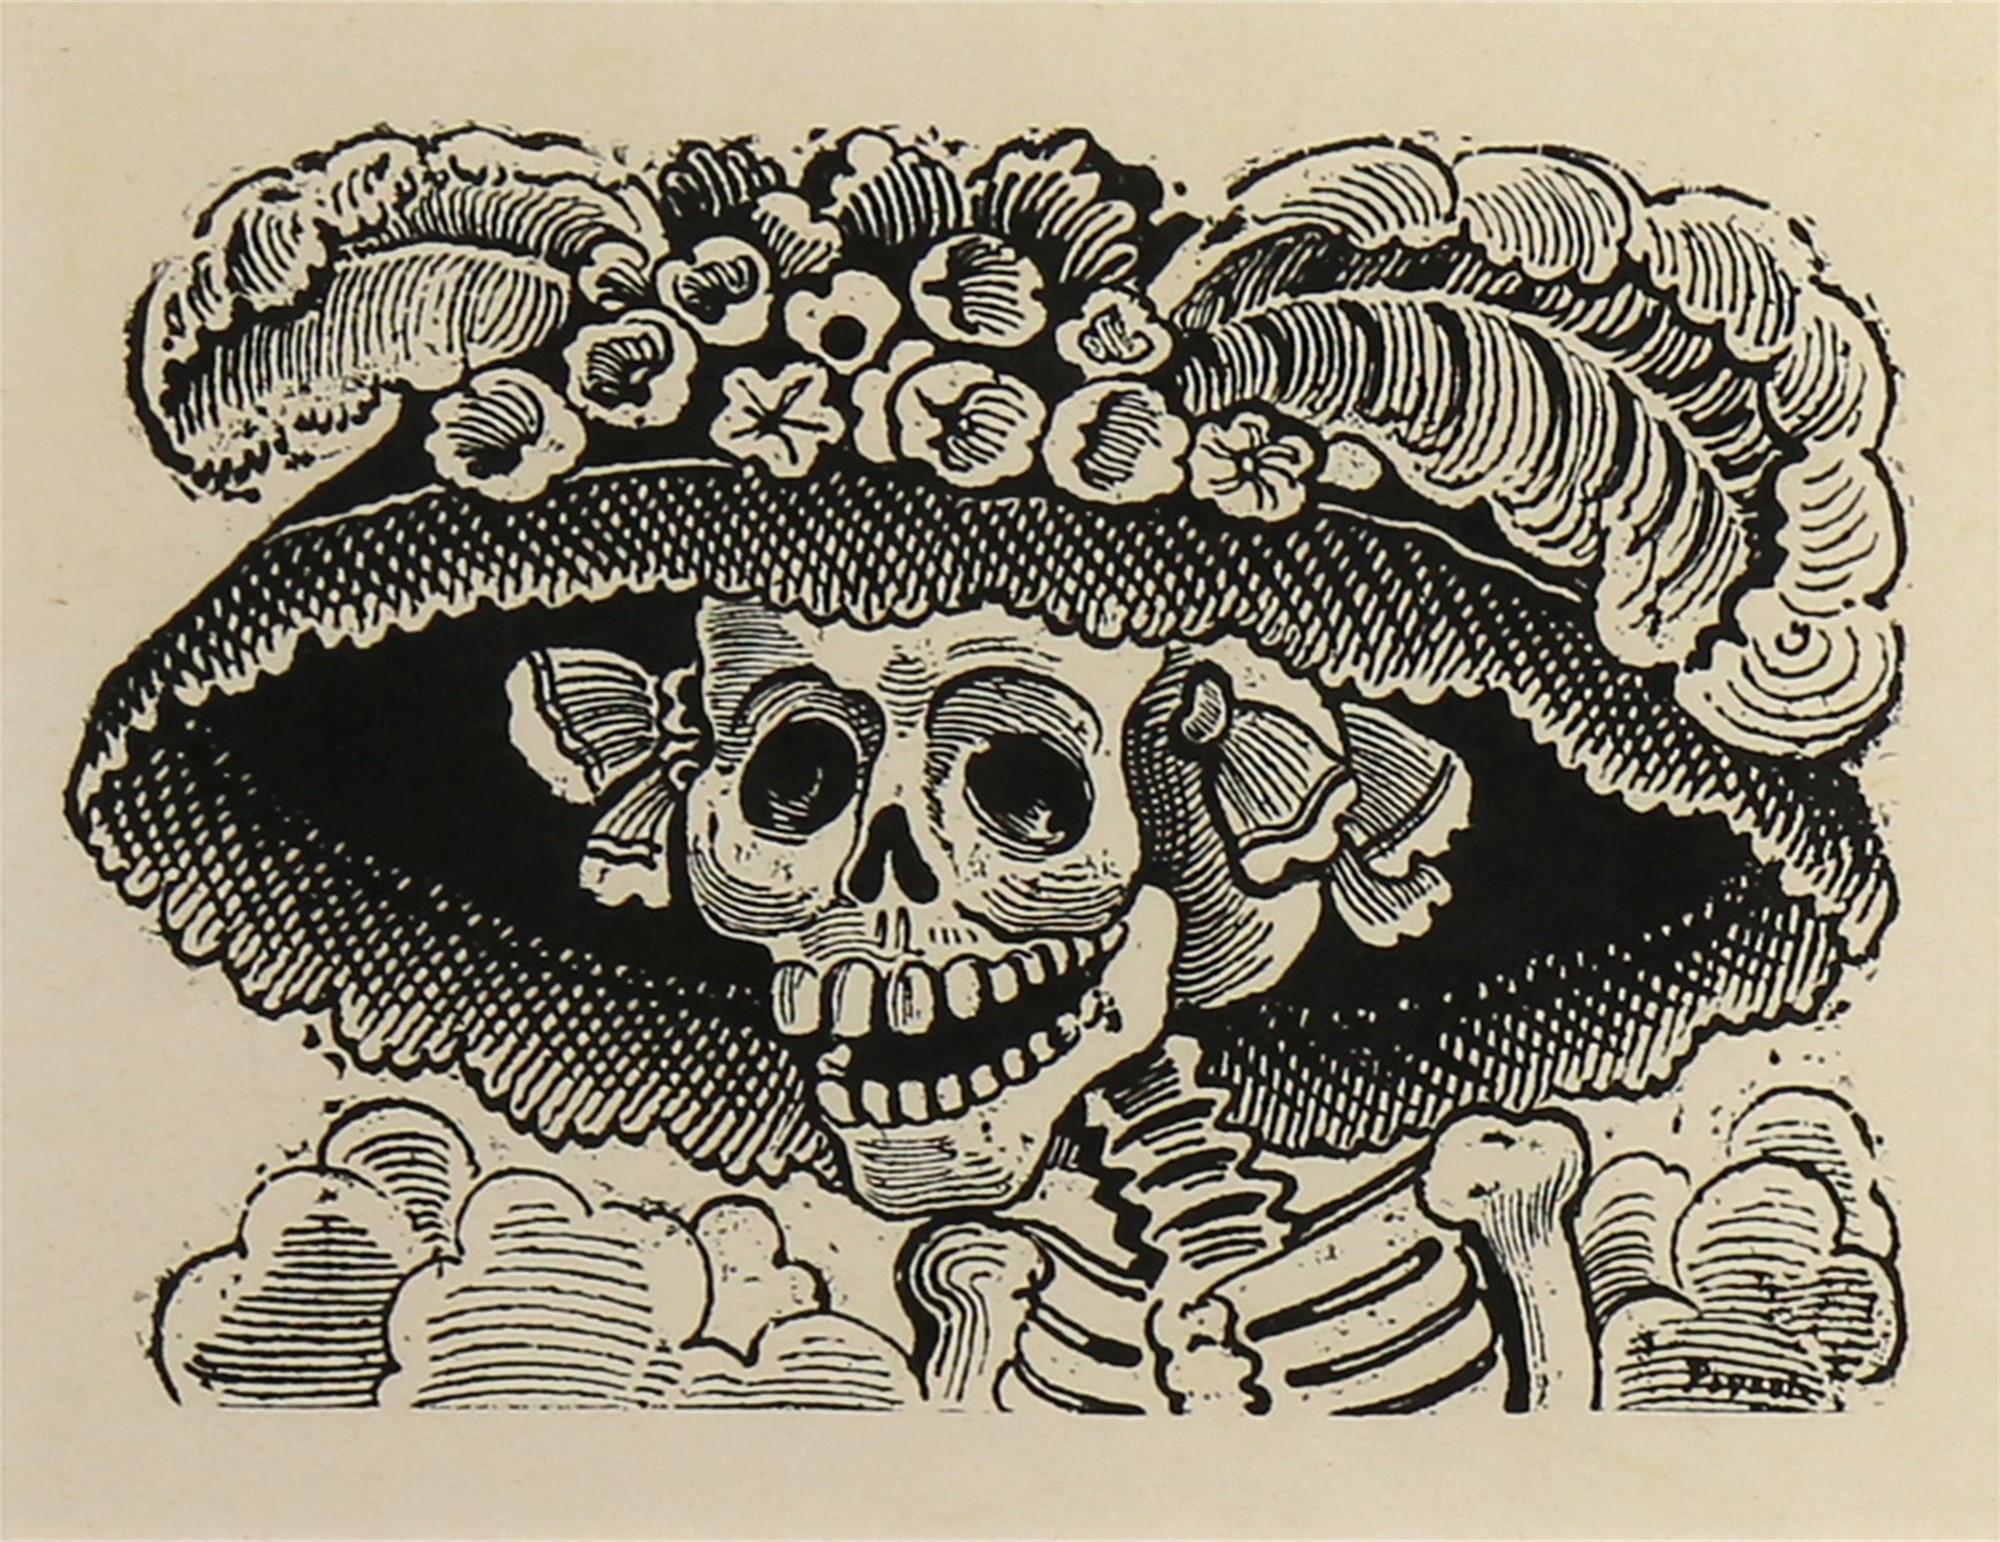 La Calavera Catrina by José Guadalupe Posada